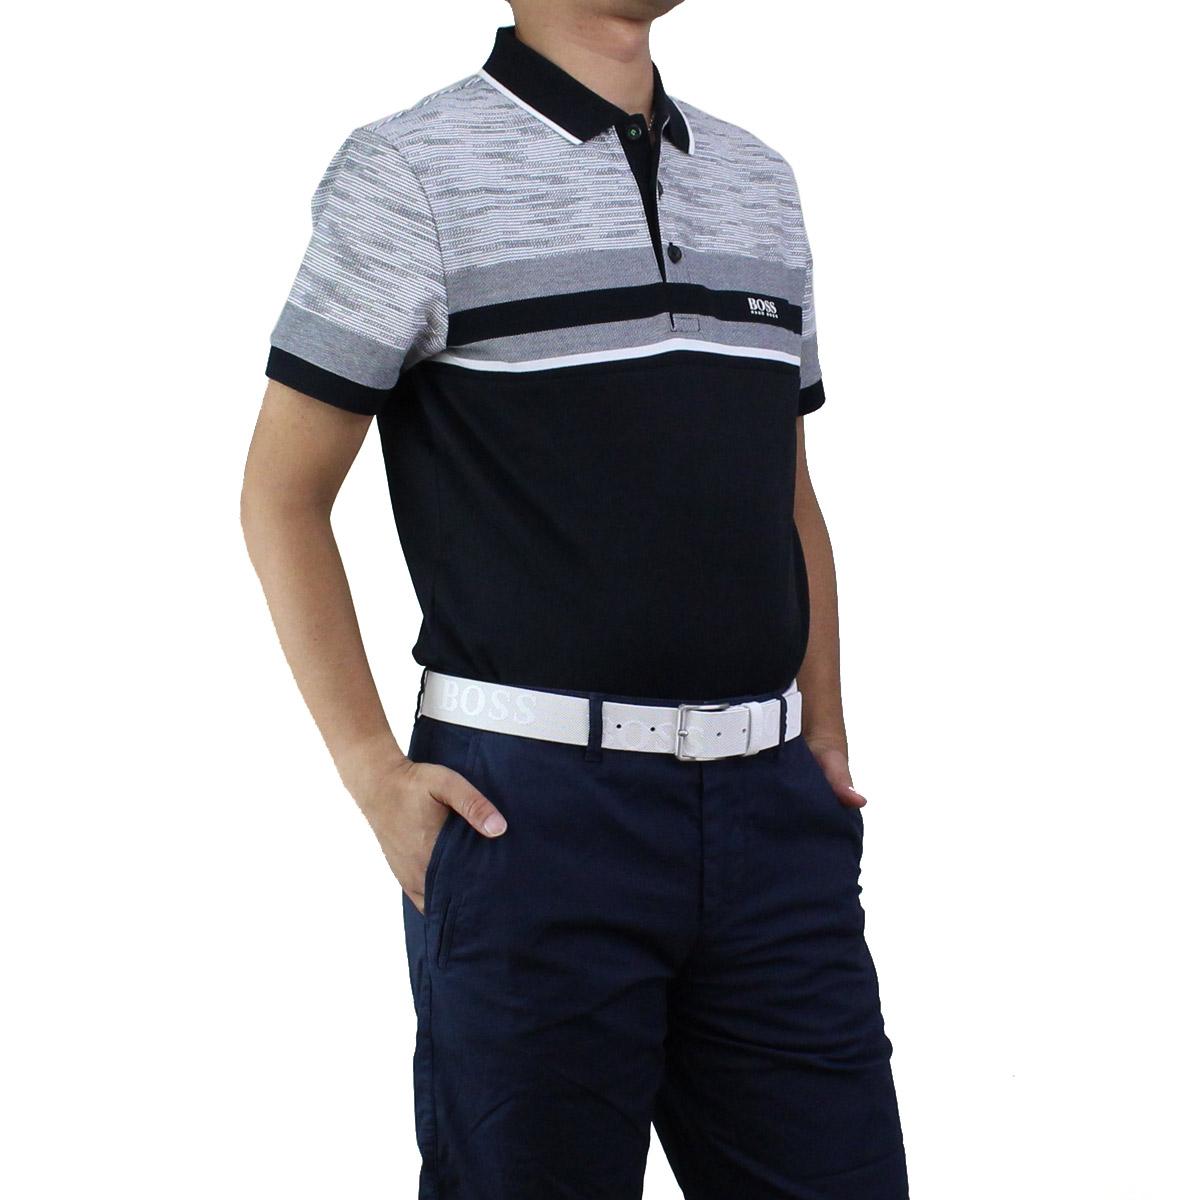 ヒューゴ ボス HUGO BOSS PAULE 5 ポール 5 ポロシャツ 半袖 ゴルフウェア 50404265 10215735 001 ブラック グレー系 メンズ【キャッシュレス 5% 還元】